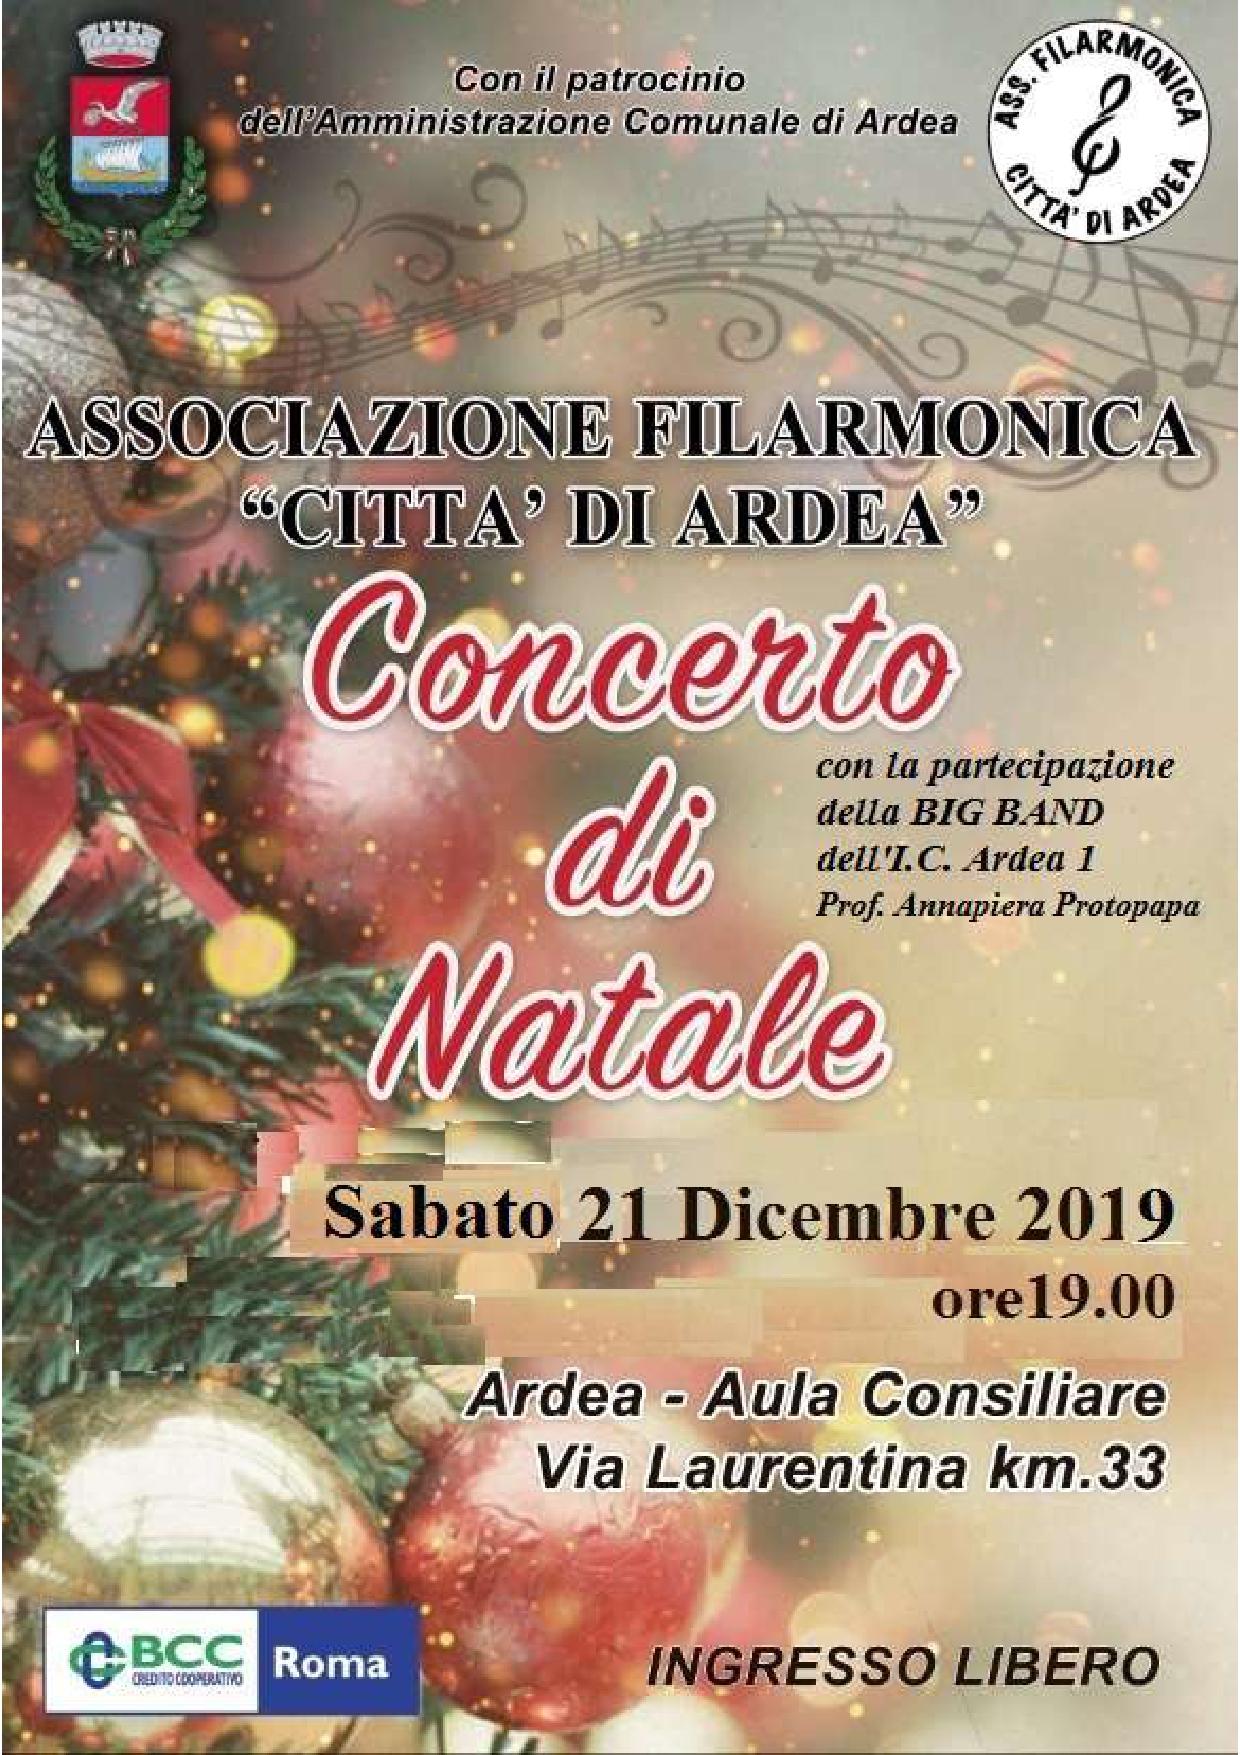 ARDEA FILARMONICA: Concerto di Natale – 21 dicembre 2019